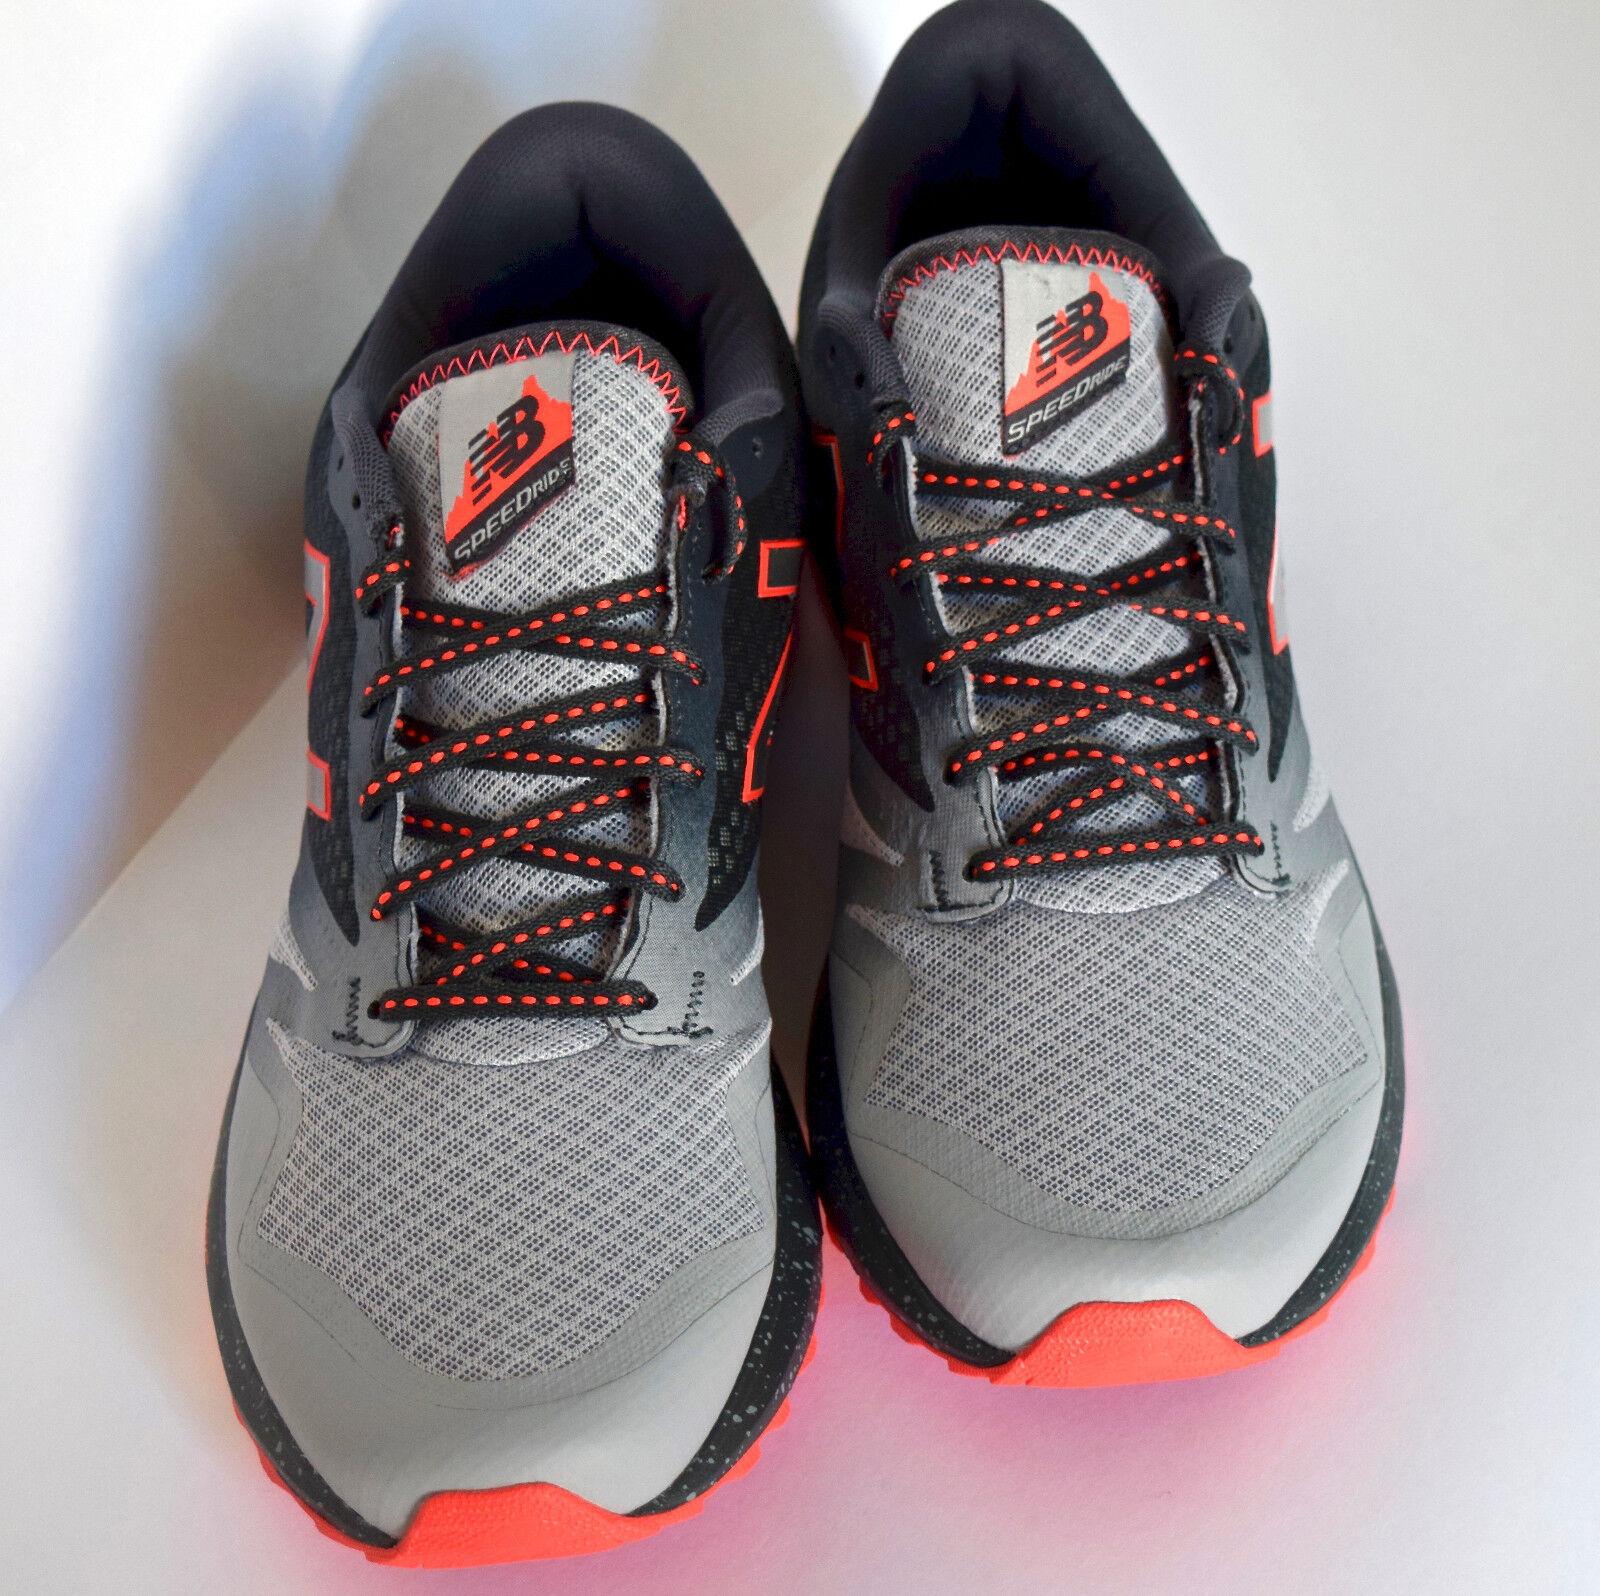 690 en speedride New Balance Todo Terreno Trail Running Zapatos para hombre Sz-11.5 - gris